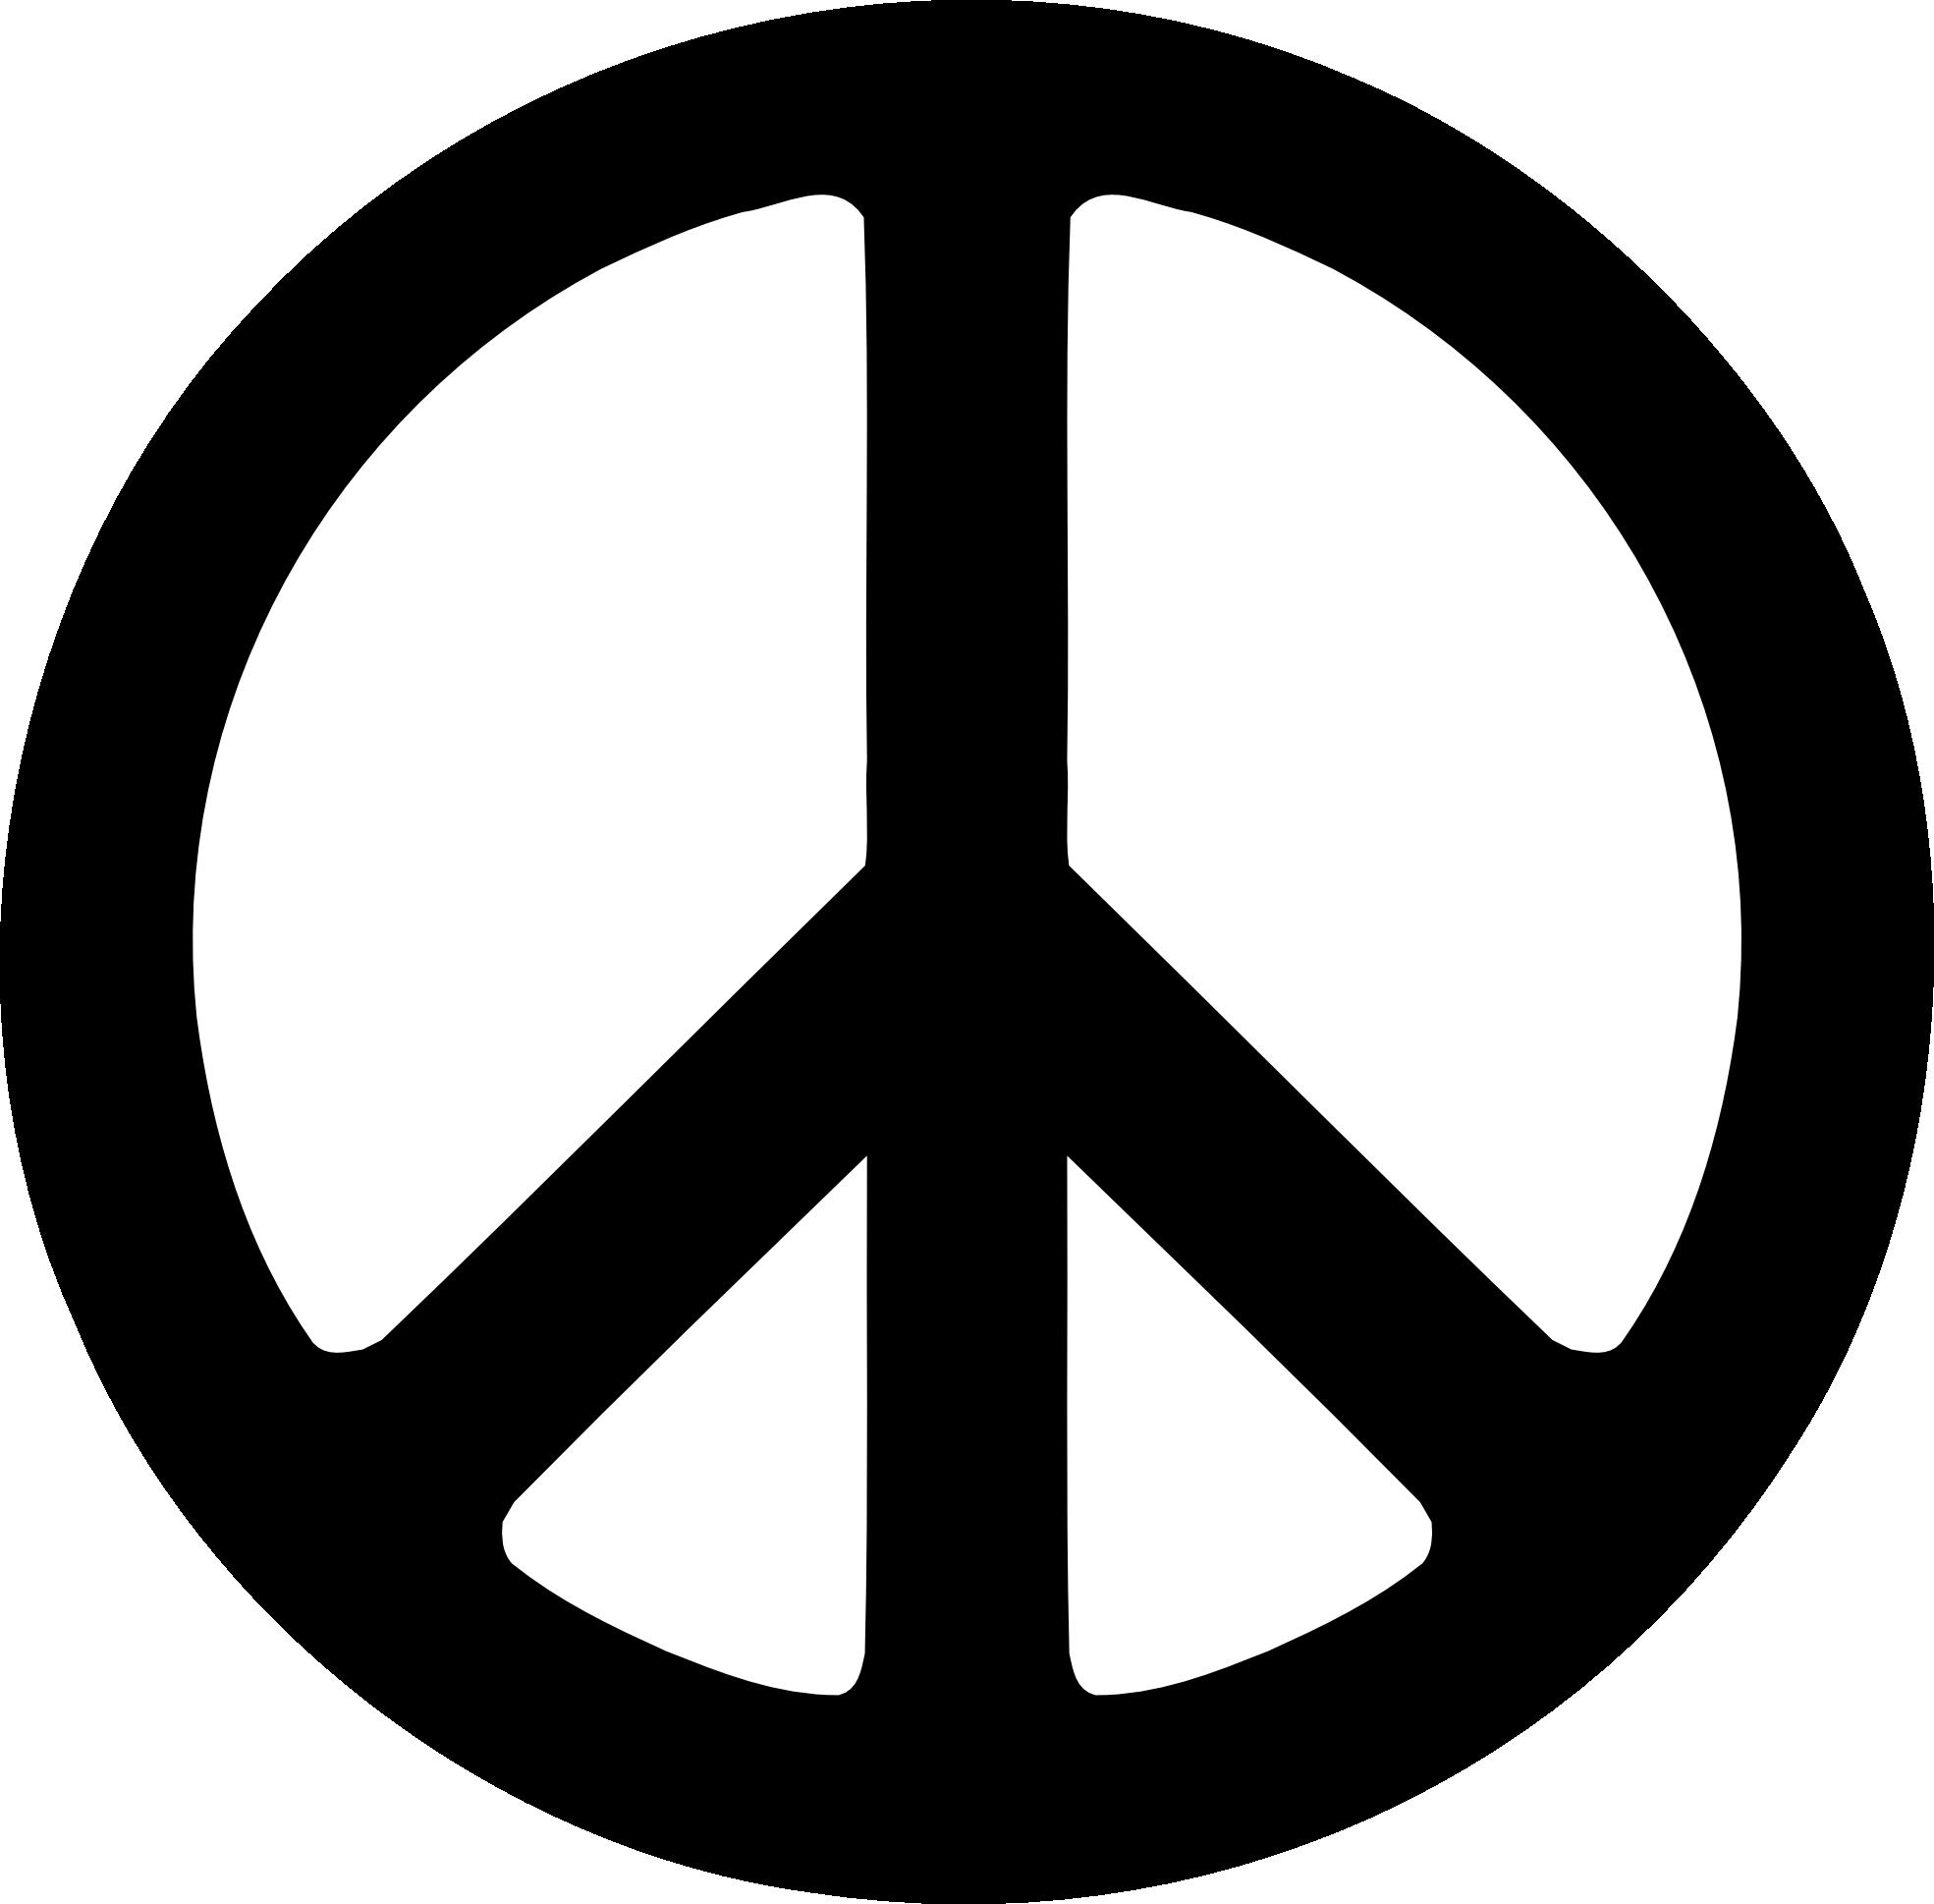 Peace Symbol Png Transparent Peace Symbolg Images Pluspng